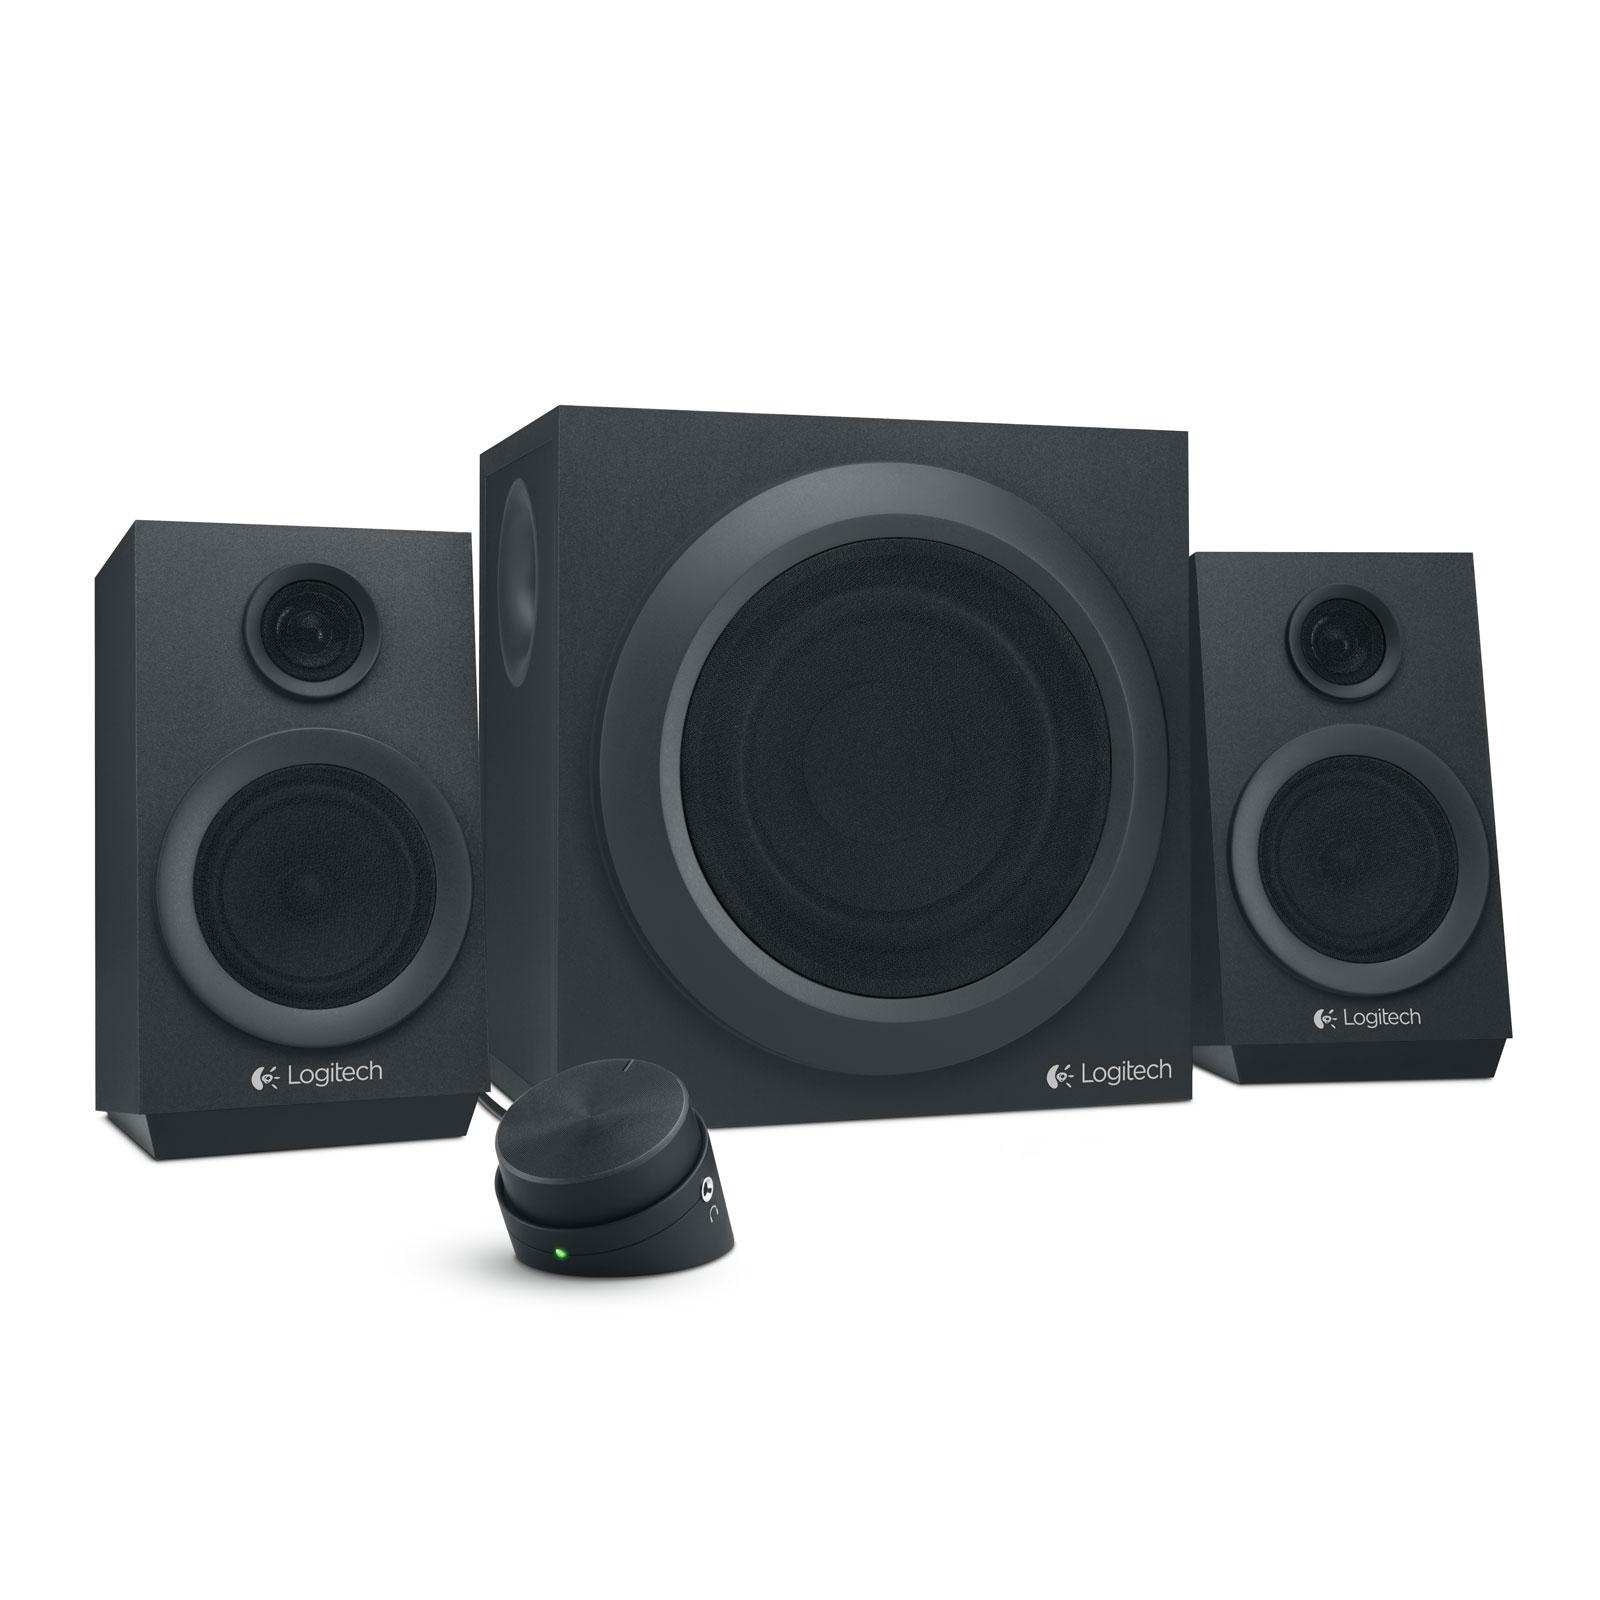 Enceinte PC Logitech Multimedia Speakers Z333 Ensemble 2.1 - 40 Watts - Jack 3.5 mm - boitier de commande